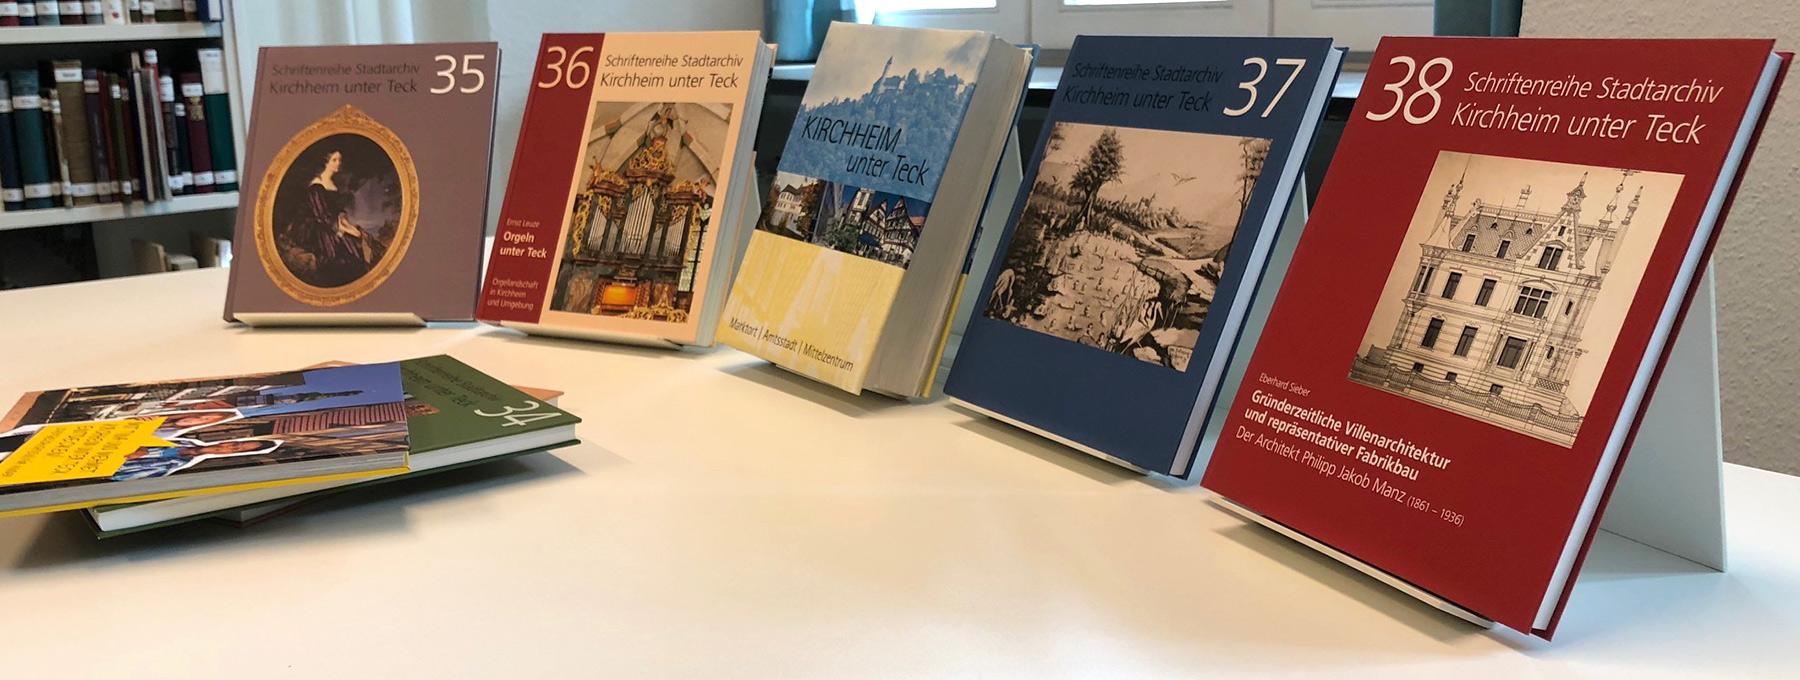 Eine Auswahl an Publikationen zur Stadtgeschichte